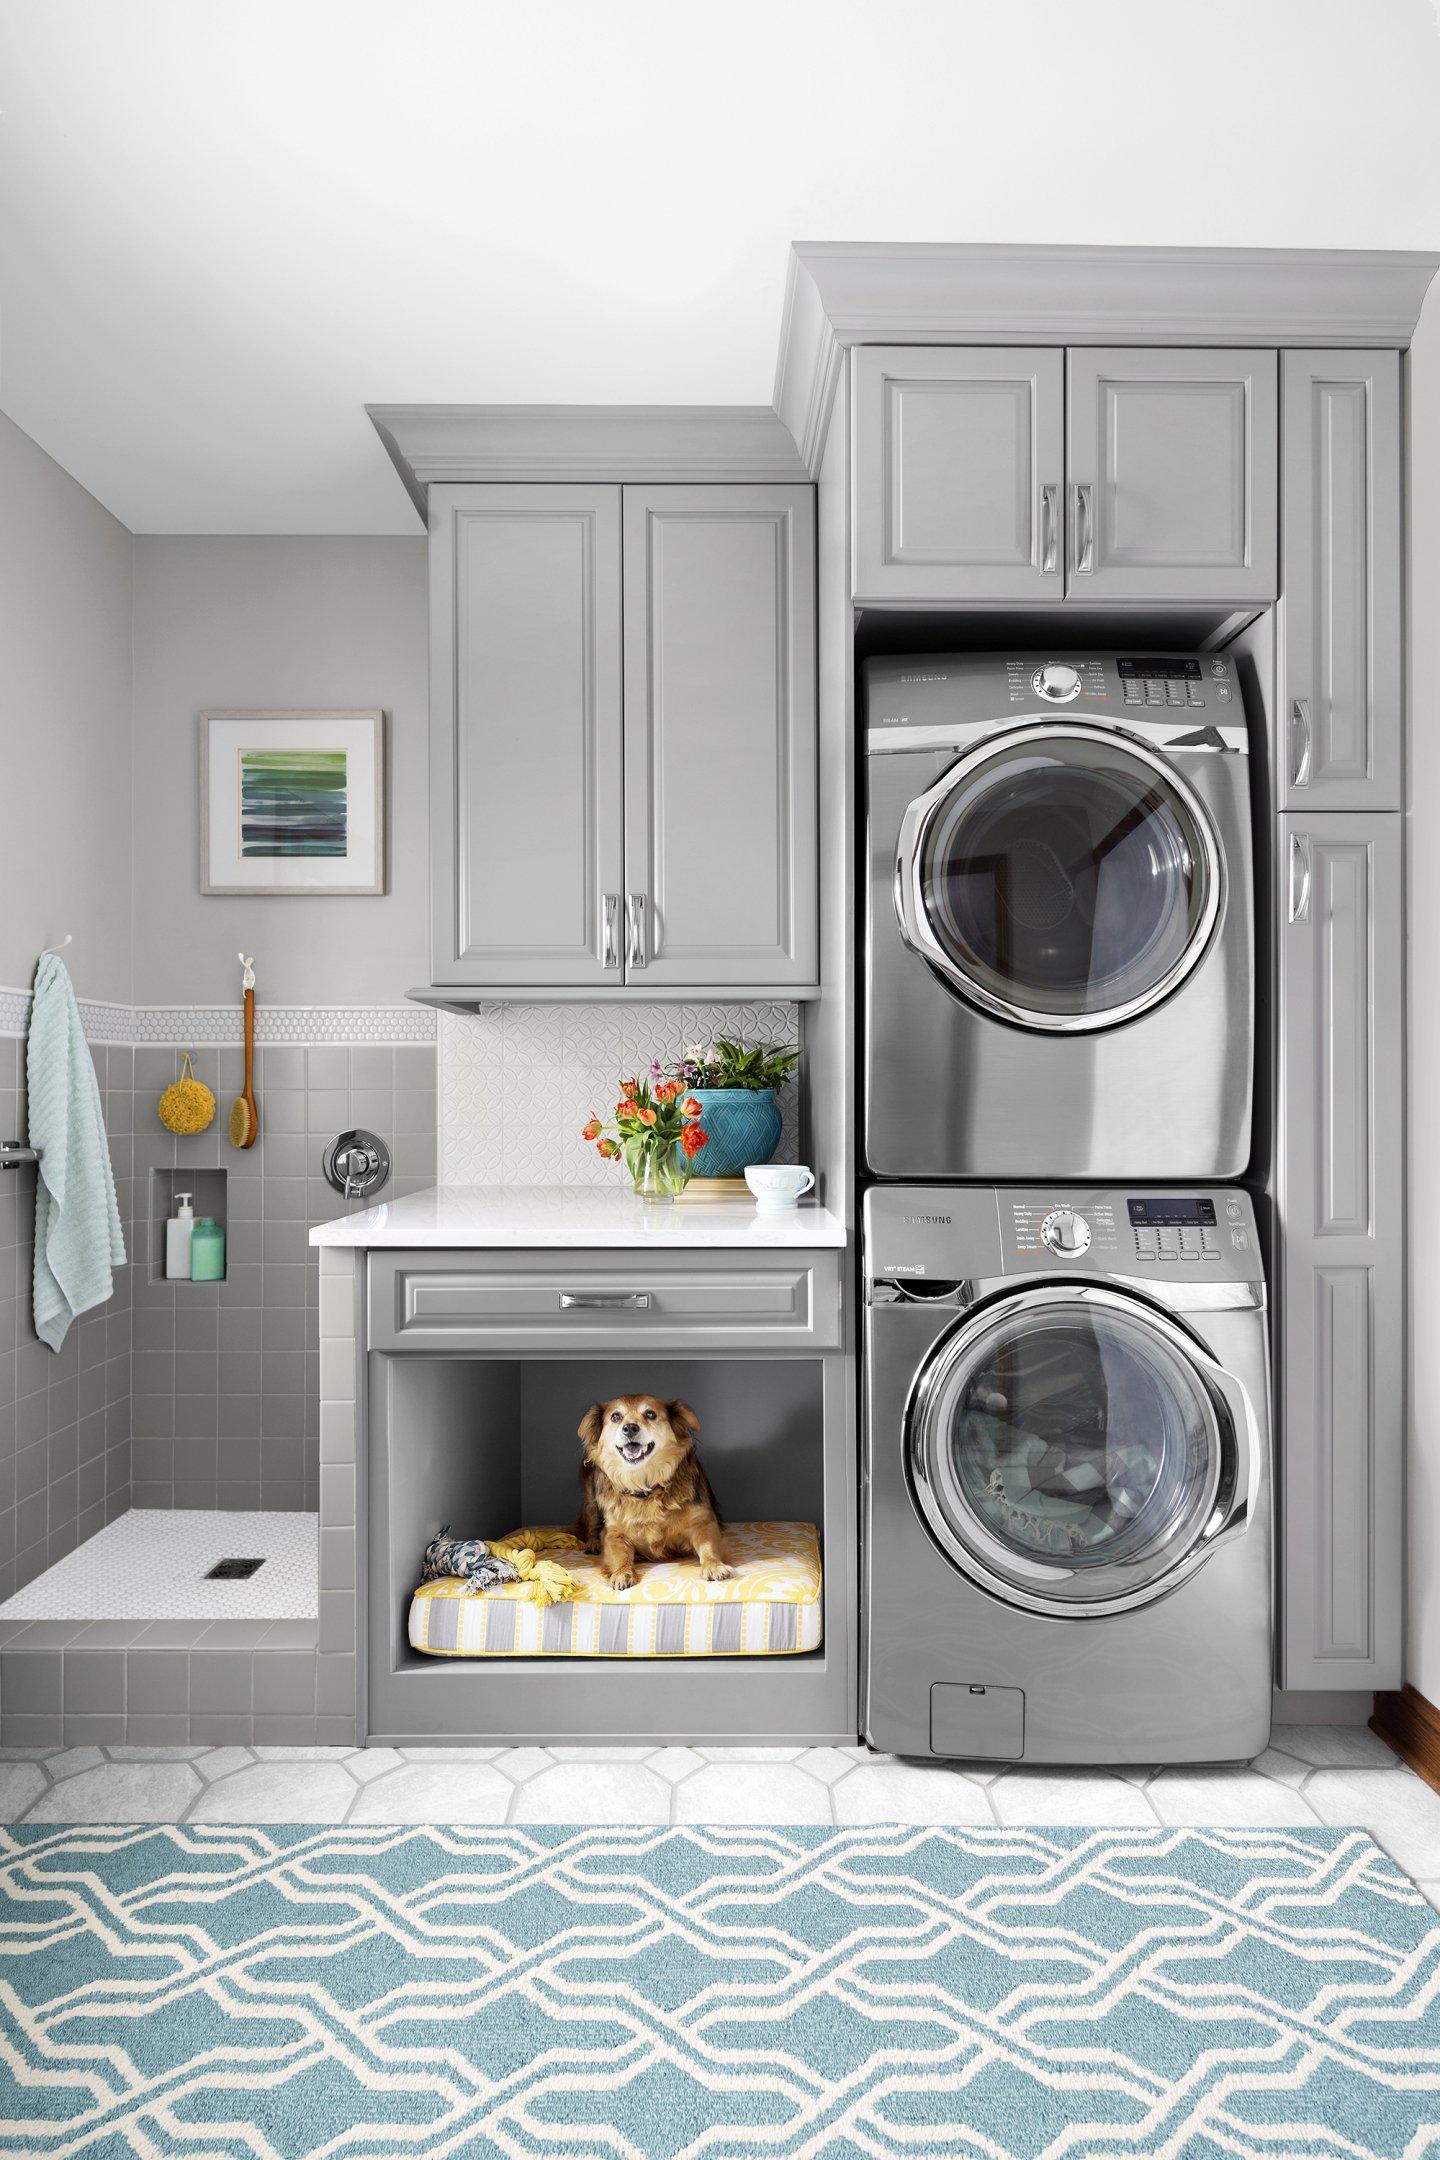 7-lavanderias pequenas que fogem do obvio